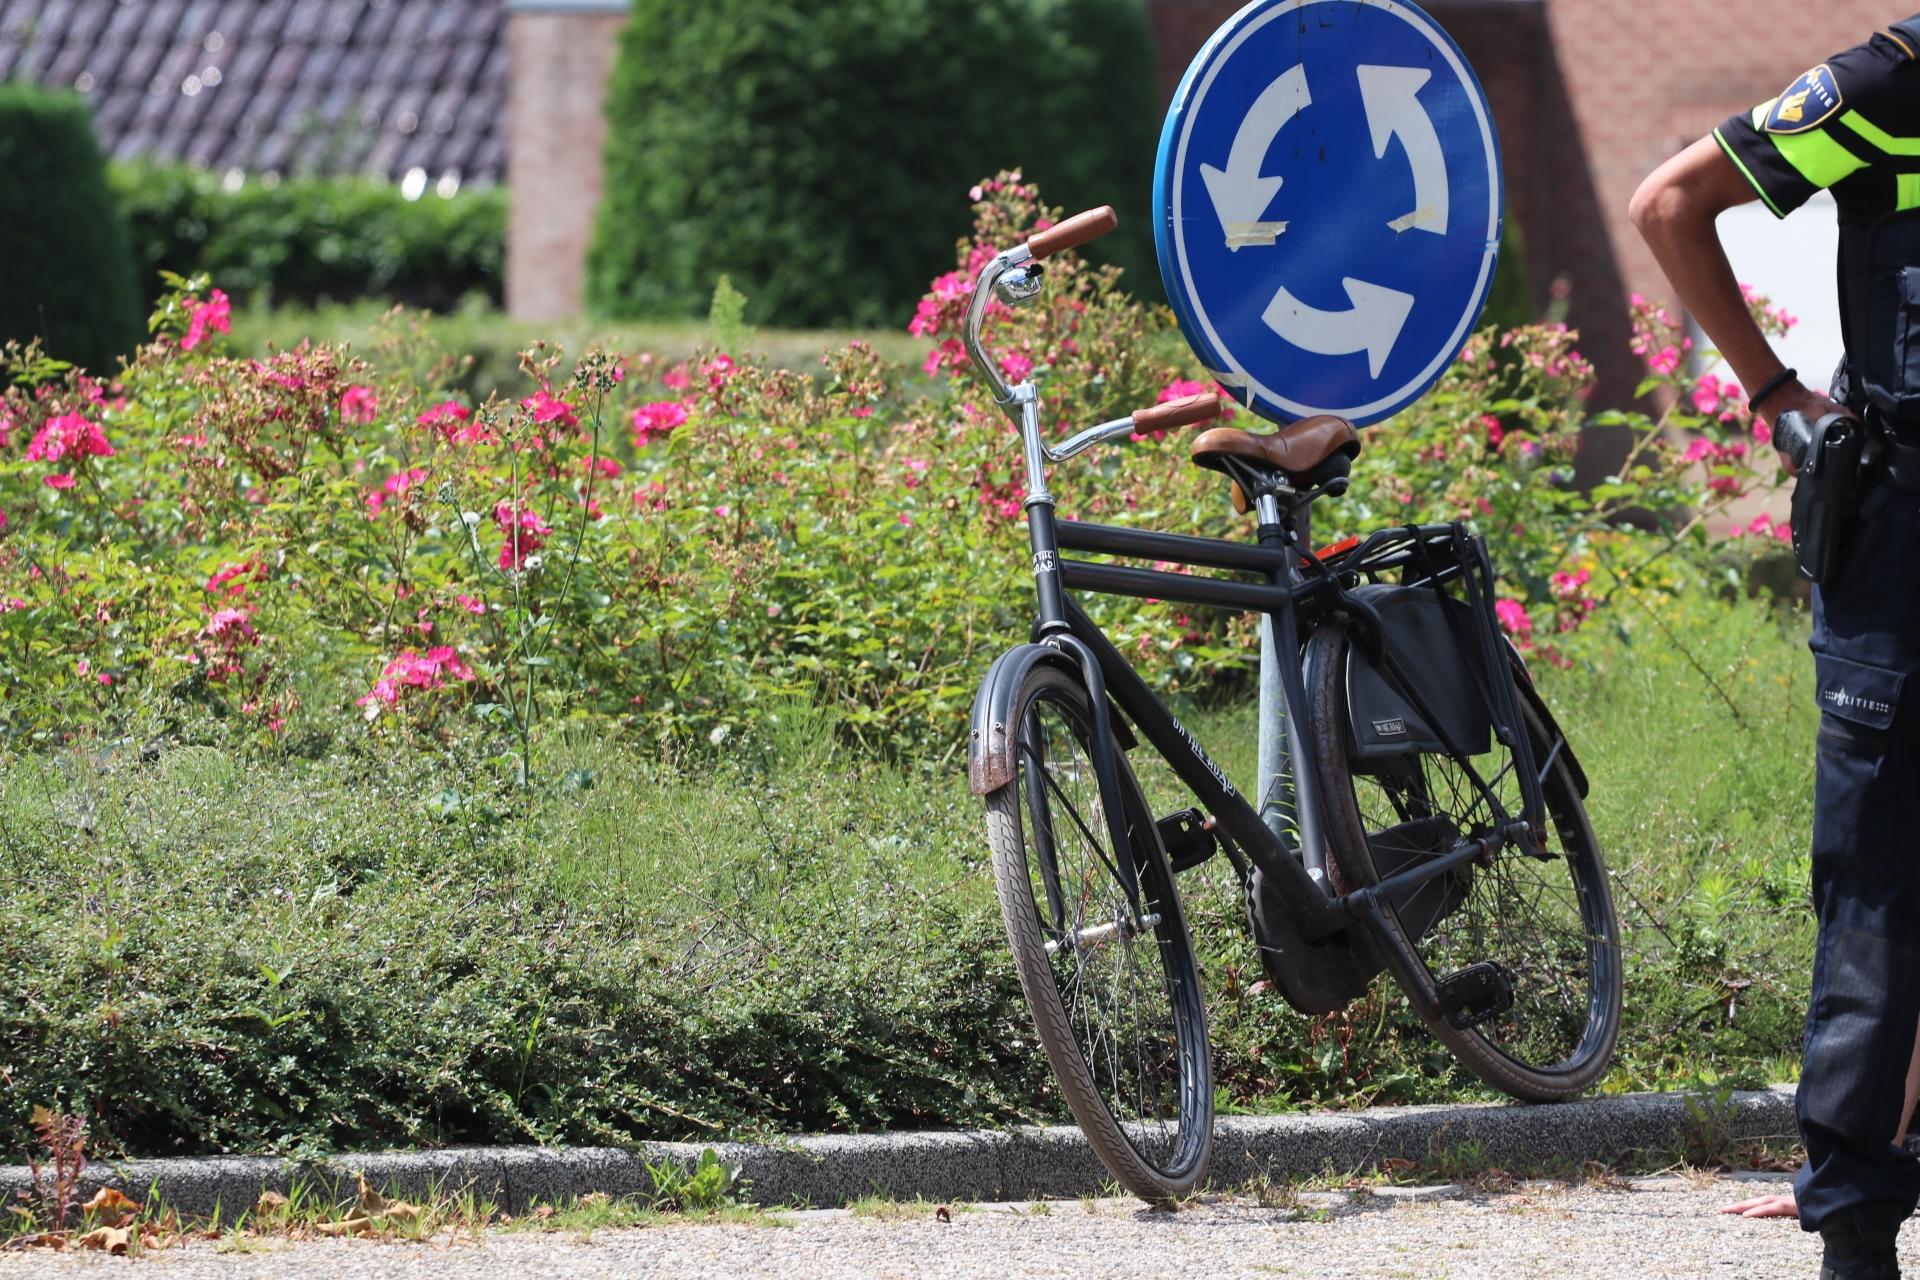 Fietser lichtgewond bij aanrijding op rotonde in Apeldoorn